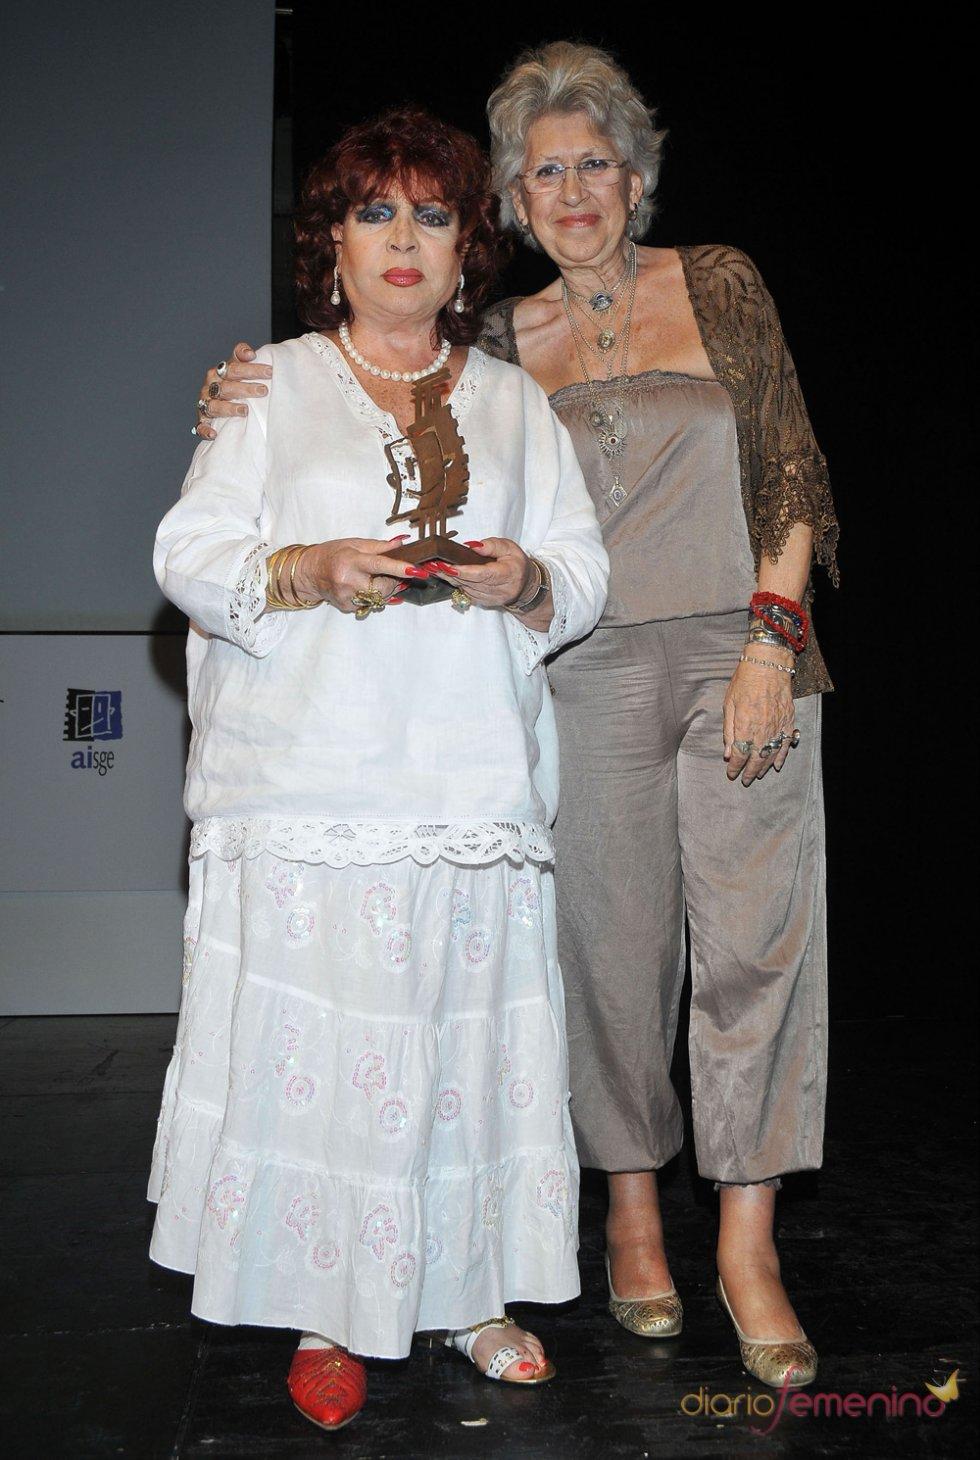 Dos leyendas de la actuación en España, Sara Montiel y Pilar Bardem